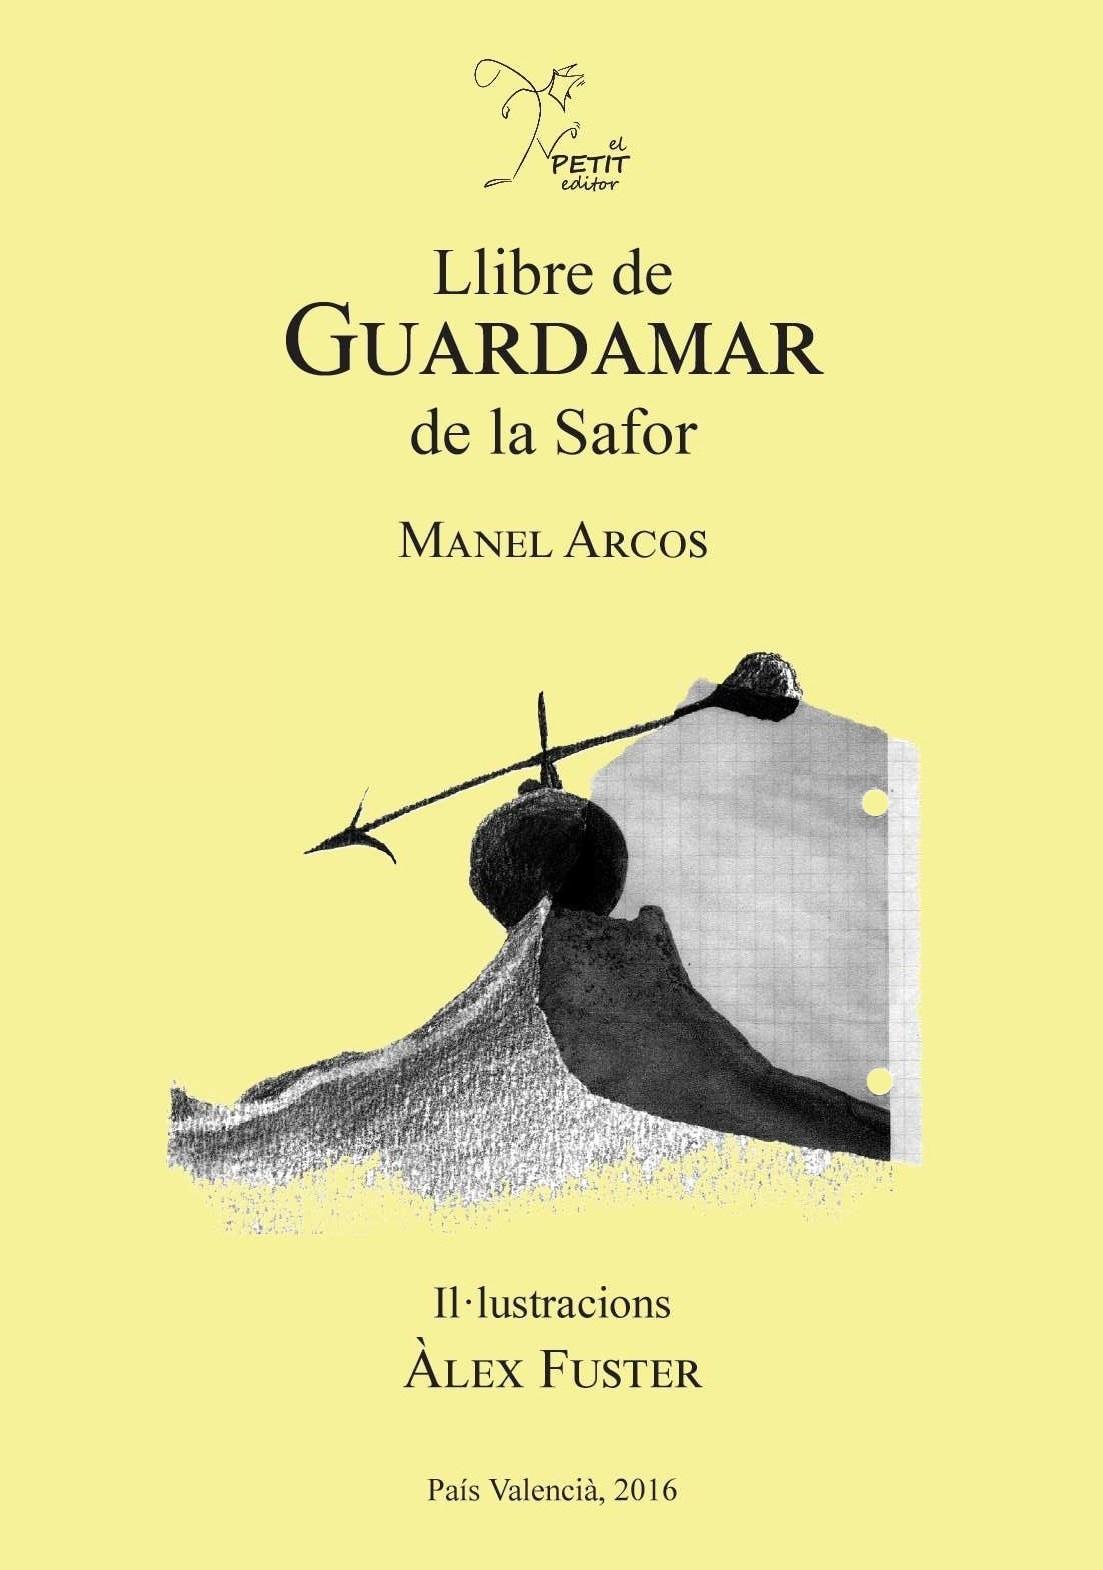 Llibre de Guardamar de la Safor